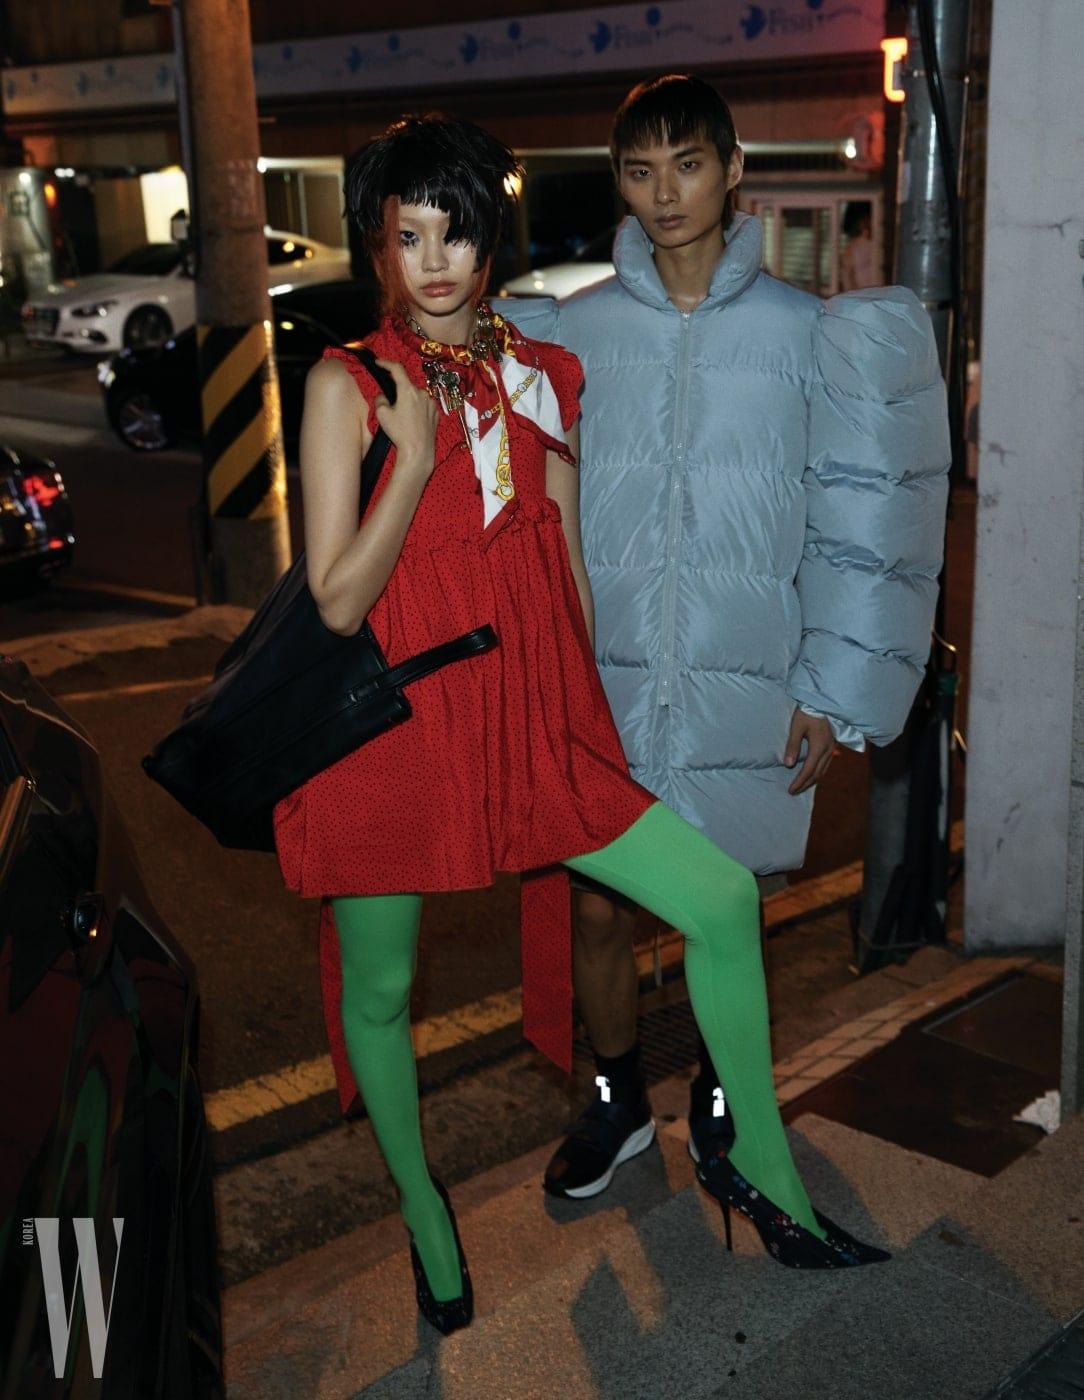 정호연이 입은 베이비돌 드레스, 타이츠, 열쇠 목걸이, 스카프 목걸이, 슈즈, 커다란 런드리 가방은 모두 Balenciaga 제품. 송준호가 입은 패딩 재킷은 Blindness, 슈즈는 Ports 1961 제품.